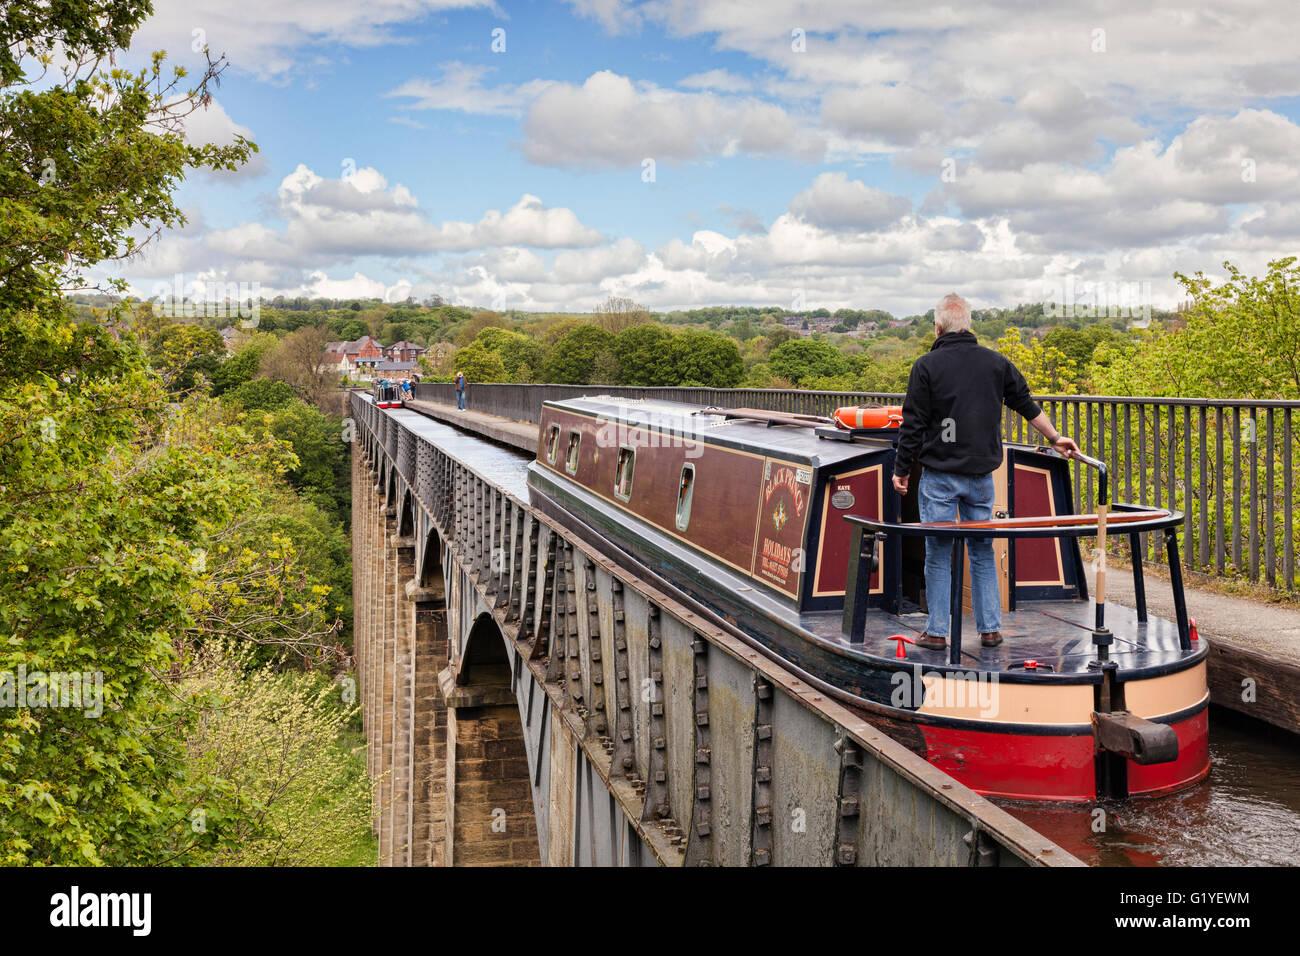 Hombre con la mano en el timón, la dirección sobre el acueducto Pontcysyllte narrowboat, construido por Imagen De Stock